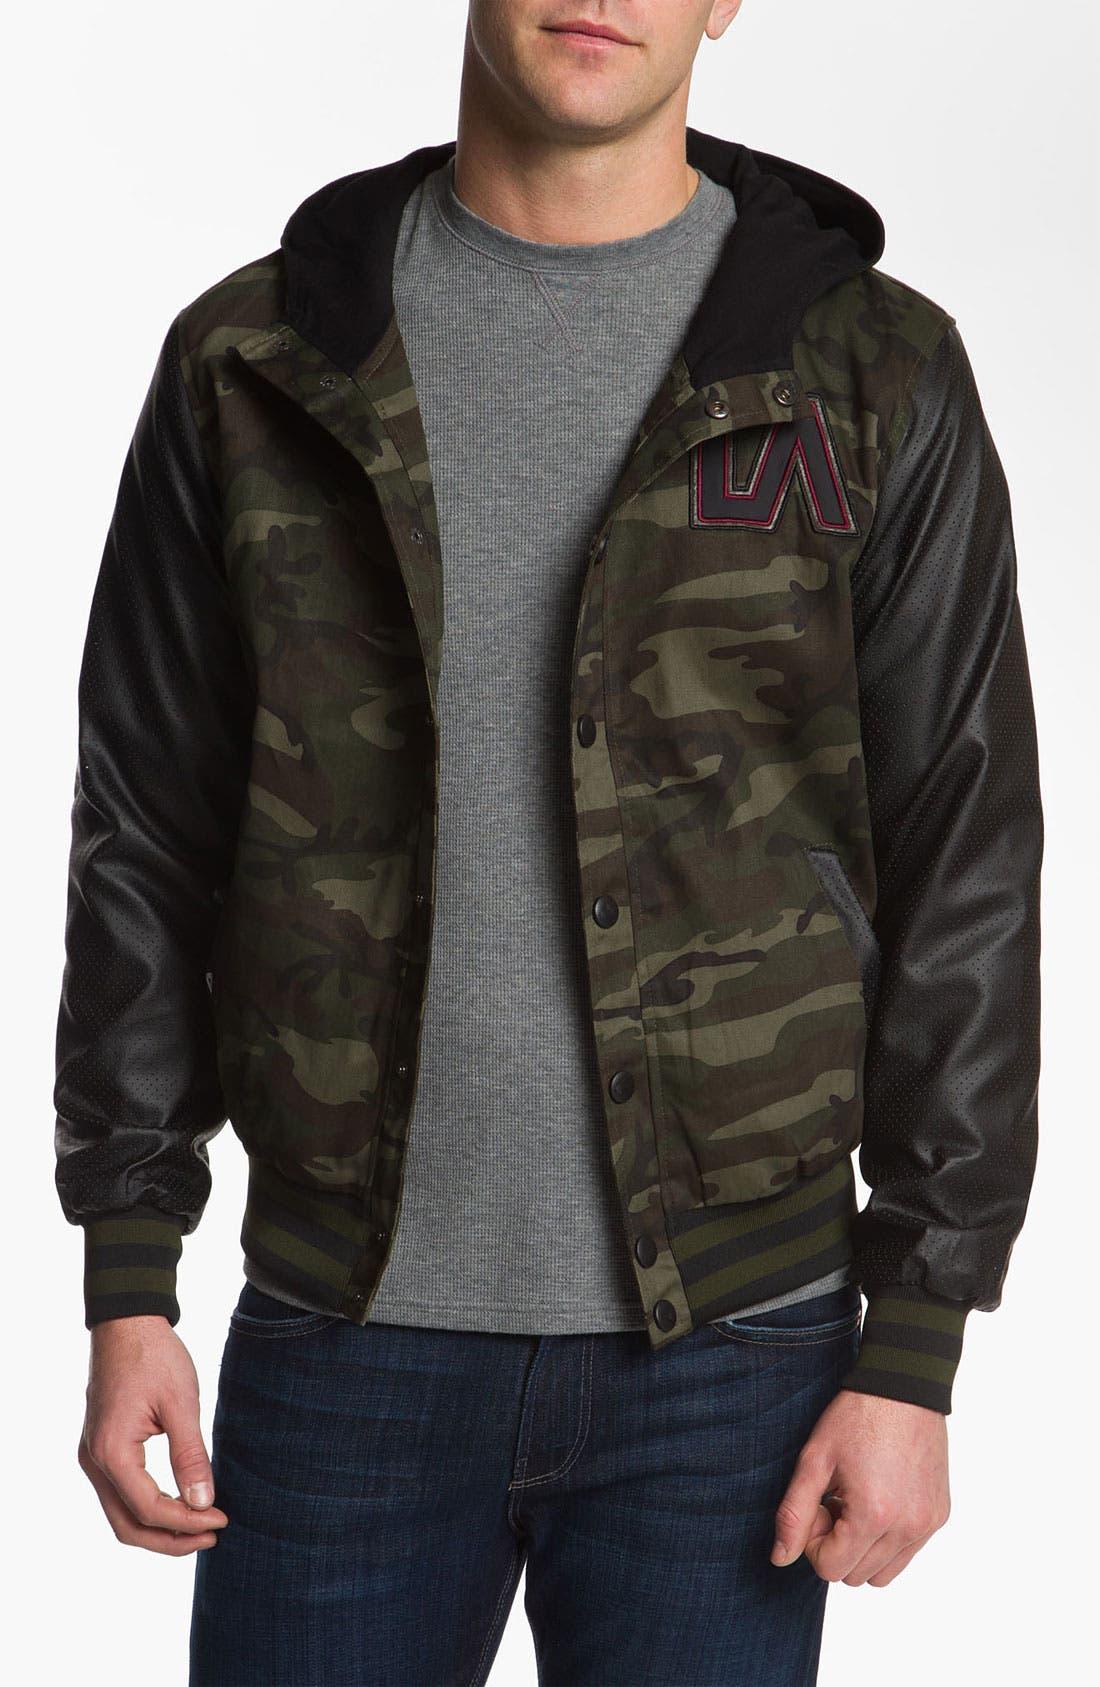 Main Image - Lira Clothing Cotton Varsity Jacket